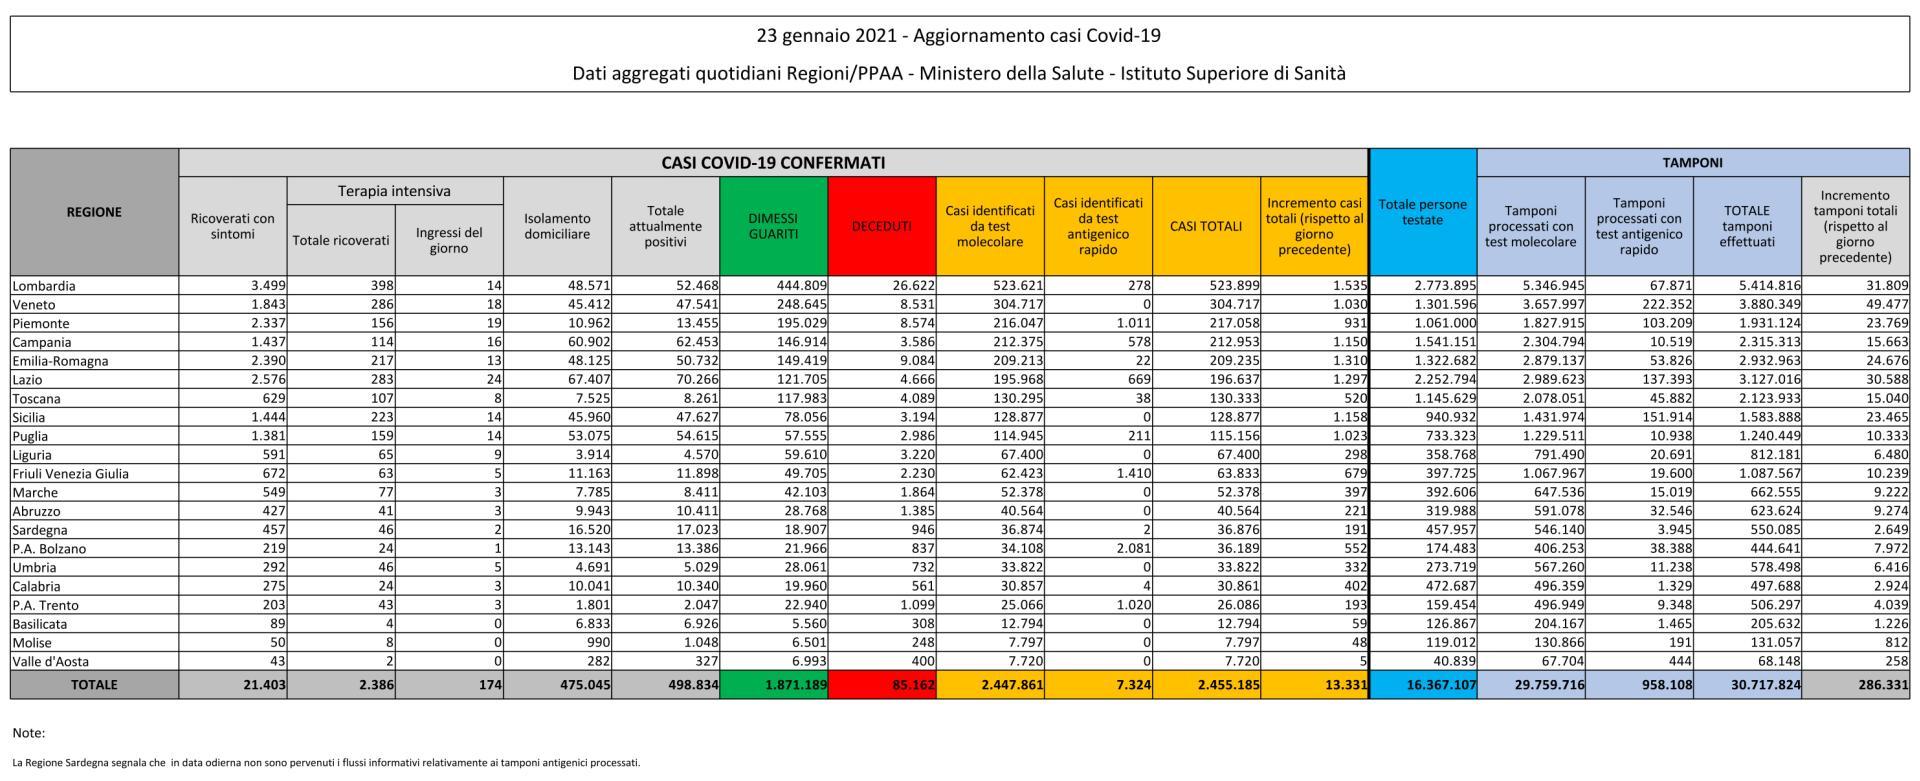 23 gennaio 2021 - Aggiornamento casi Covid-19 Dati aggregati quotidiani Regioni/PPAA - Ministero della Salute - Istituto Superiore di Sanità